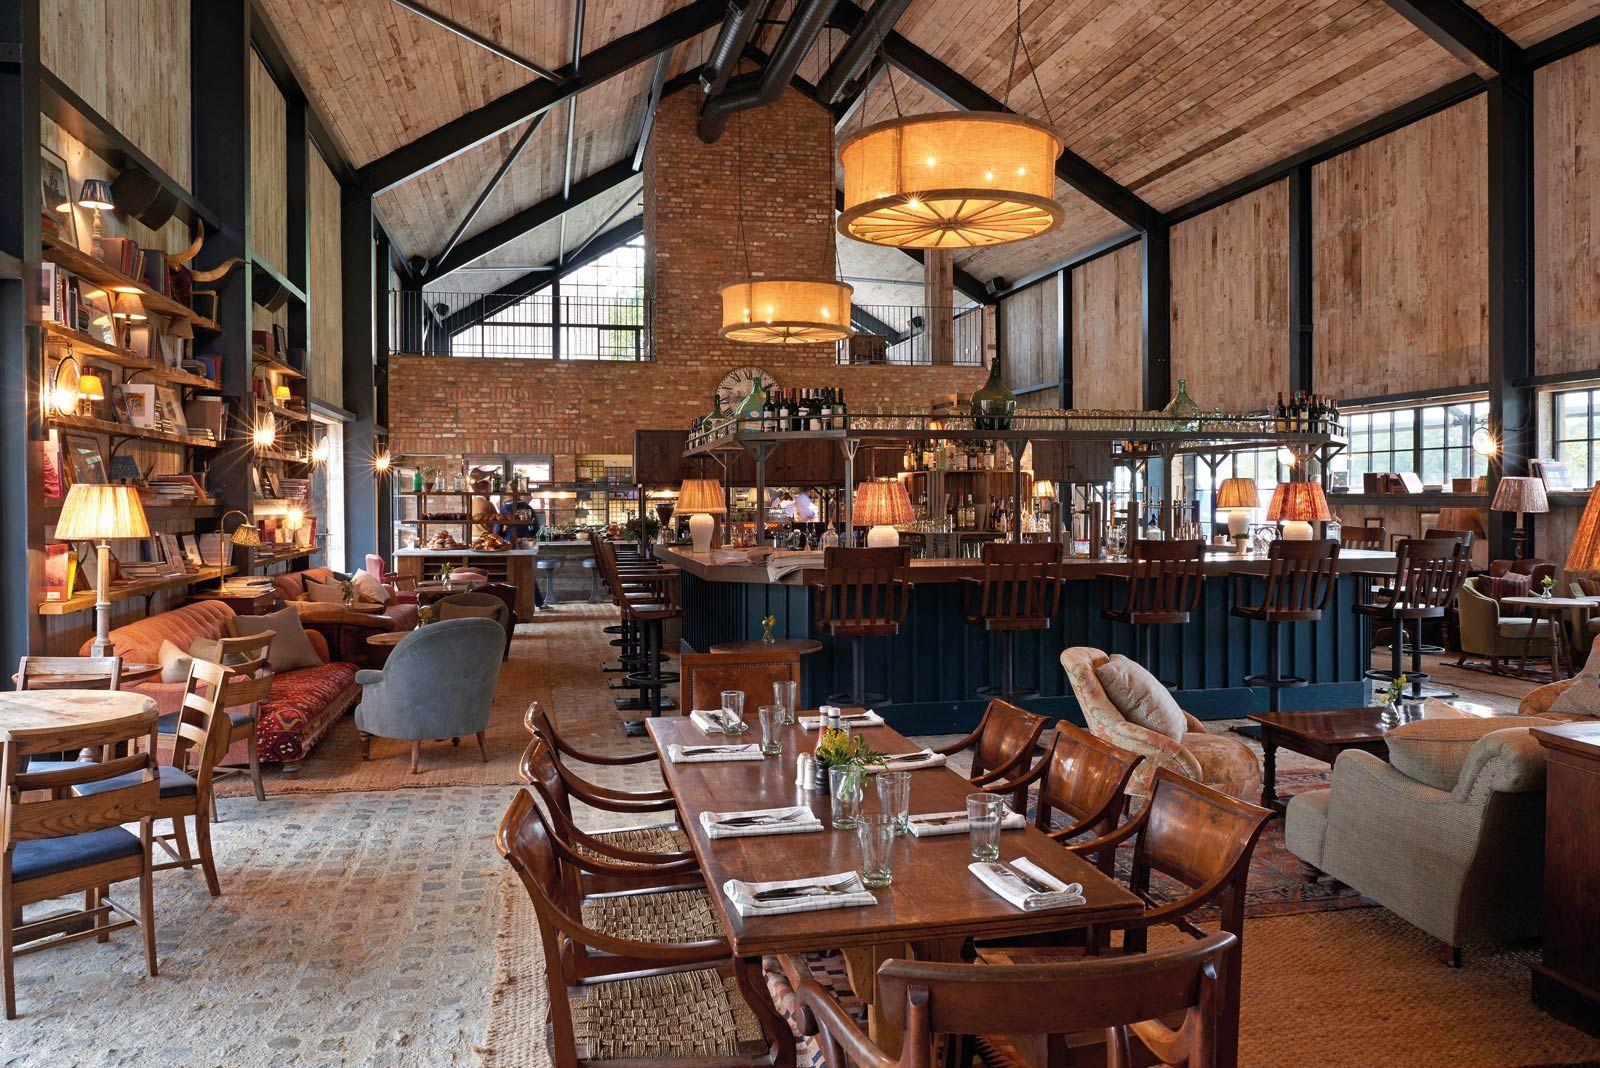 sohofarmhouseinoxfordshire21 Farmhouse restaurant